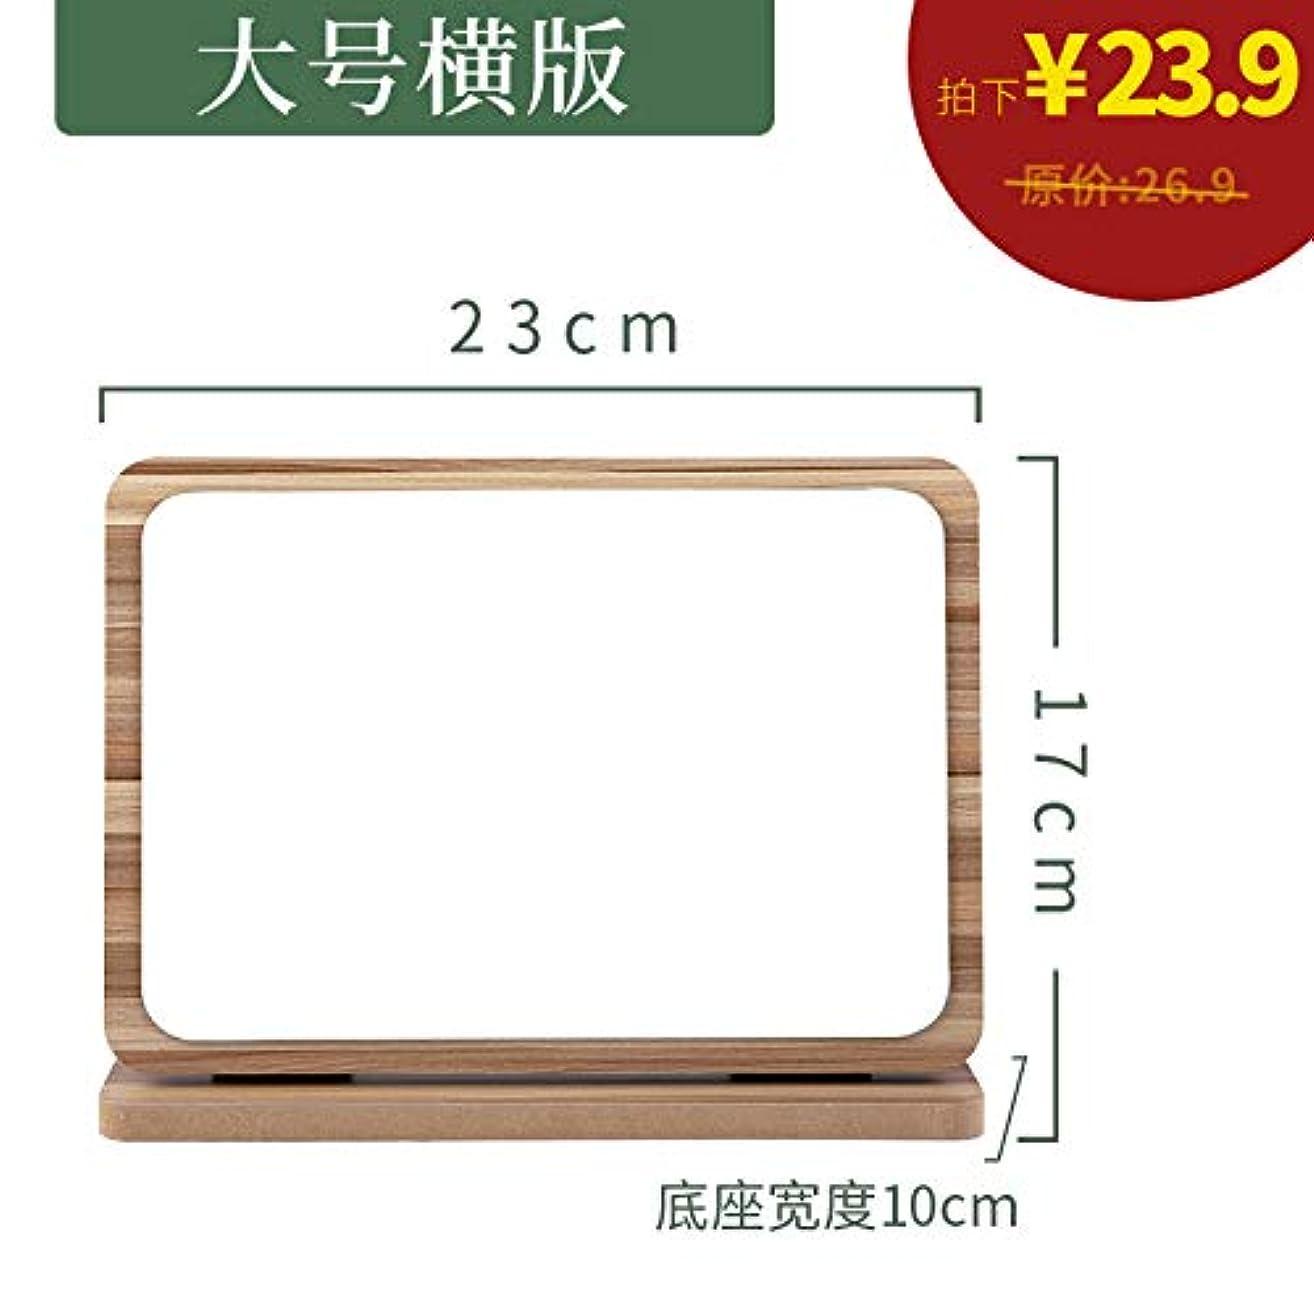 徐々に急勾配の有益な木製の折りたたみ化粧鏡のテーブルトップは、大きなポータブルハンドミラーにすることができます